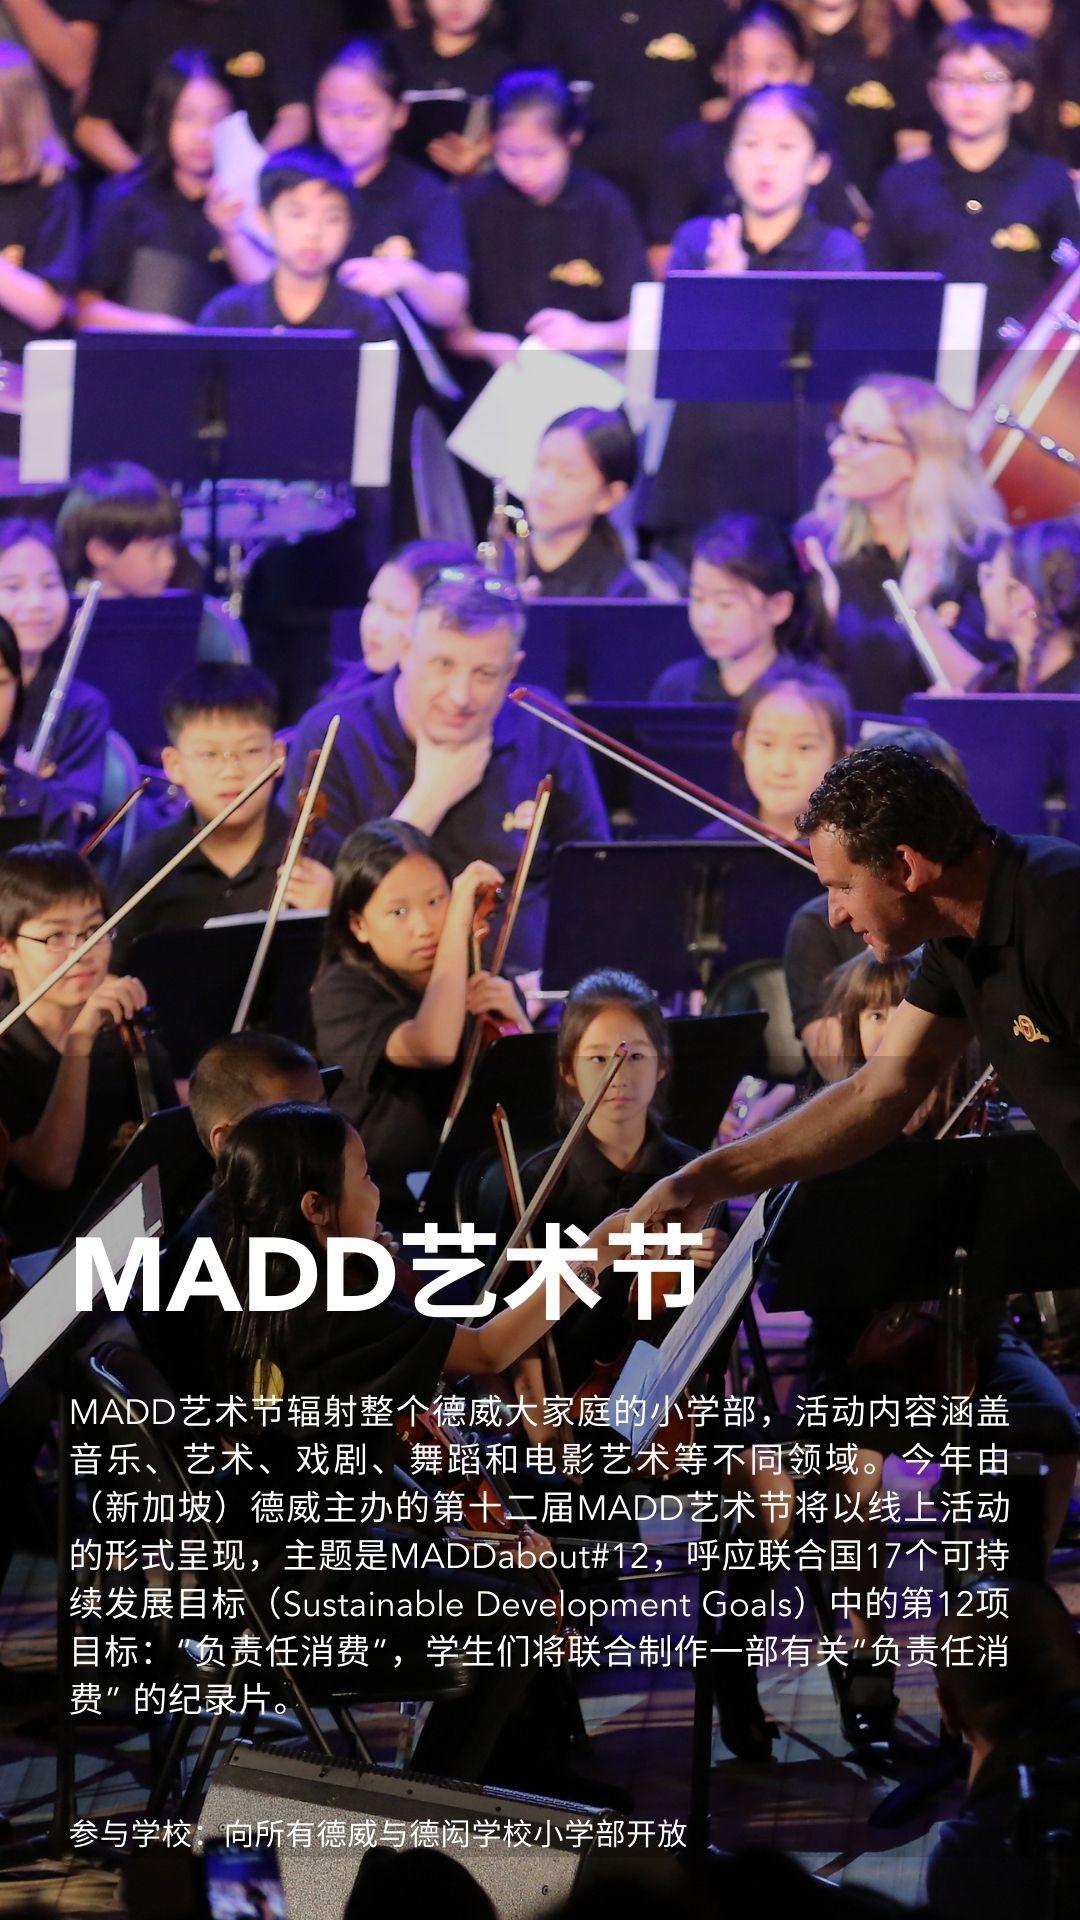 MADD艺术节辐射整个德威大家庭的小学部,活动内容涵盖音乐、艺术、戏剧、舞蹈和电影艺术等不同领域